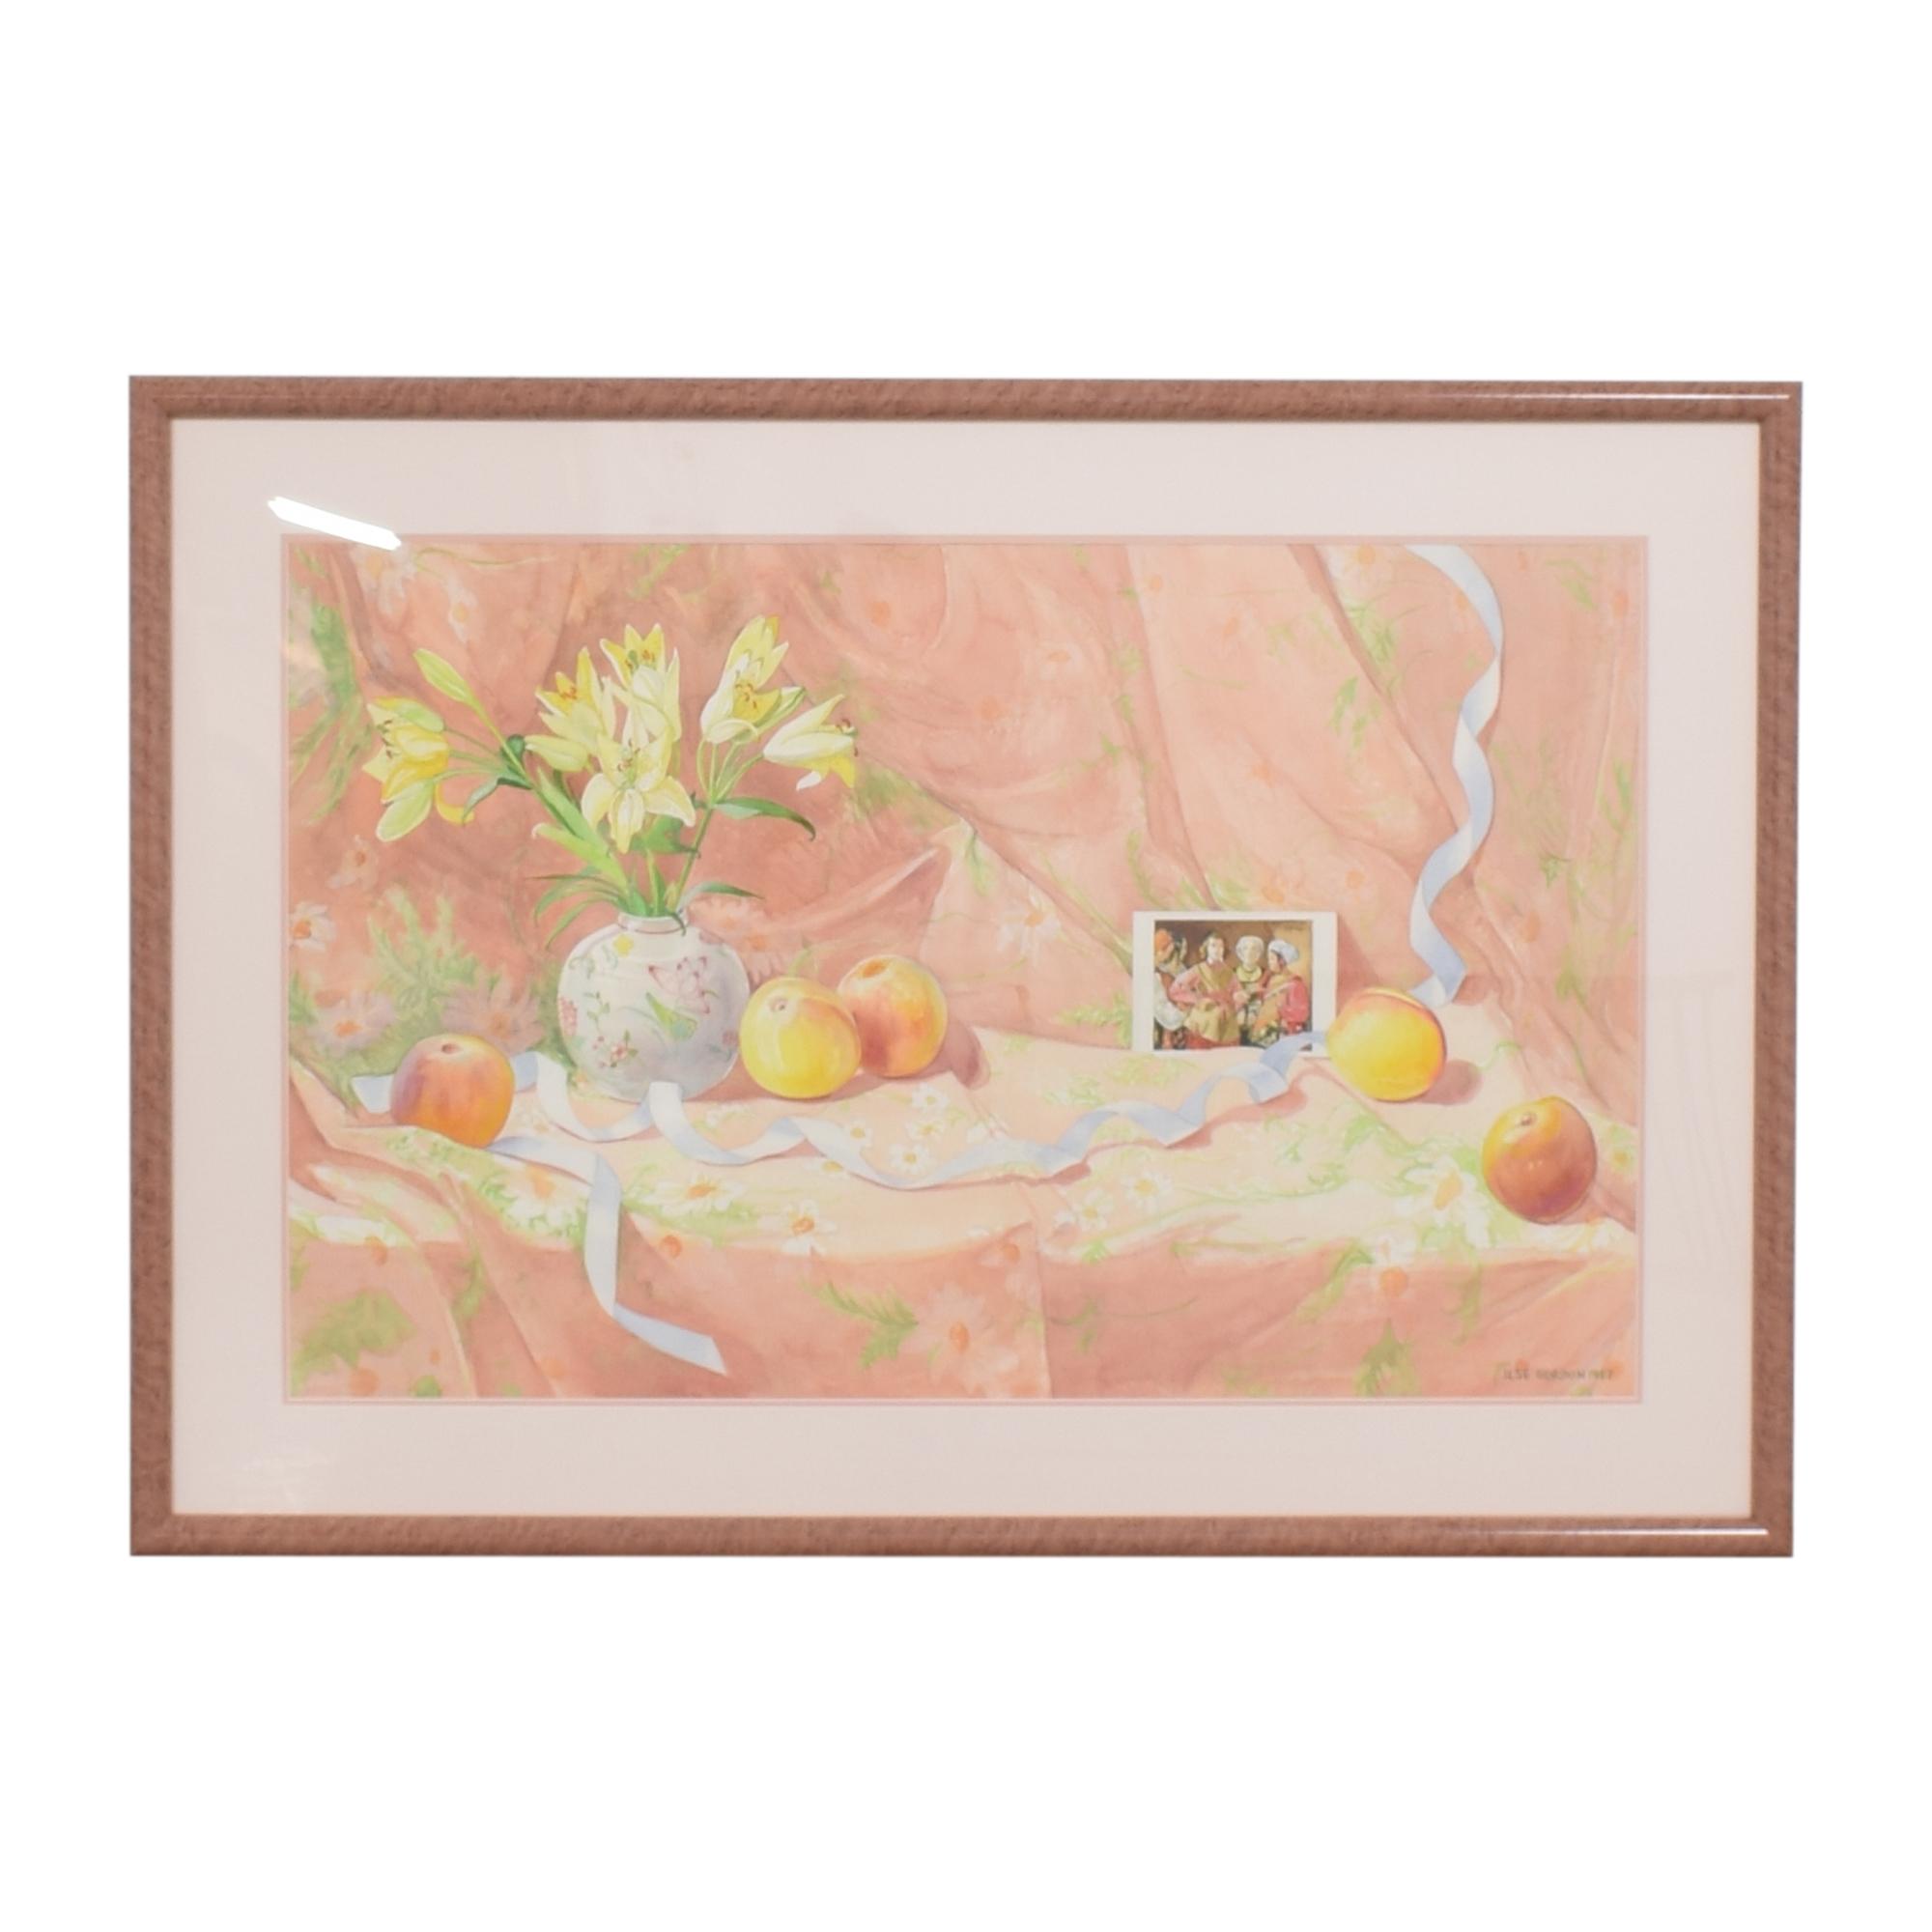 Framed Ilse Gordon Still Life Wall Art